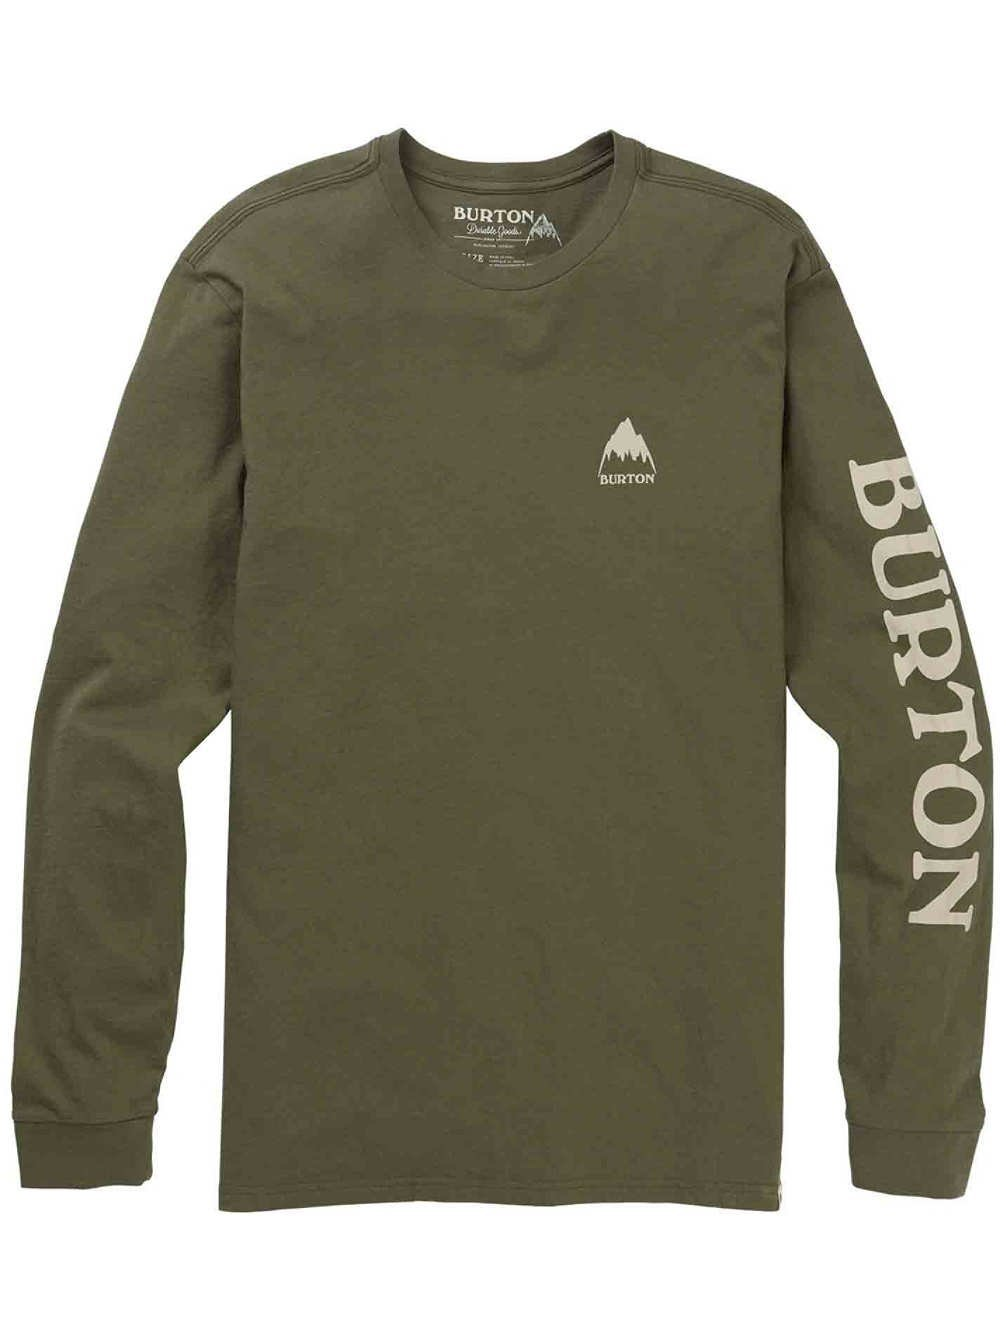 Burton Elite Long Sleeve Camiseta, Hombre 20392100020